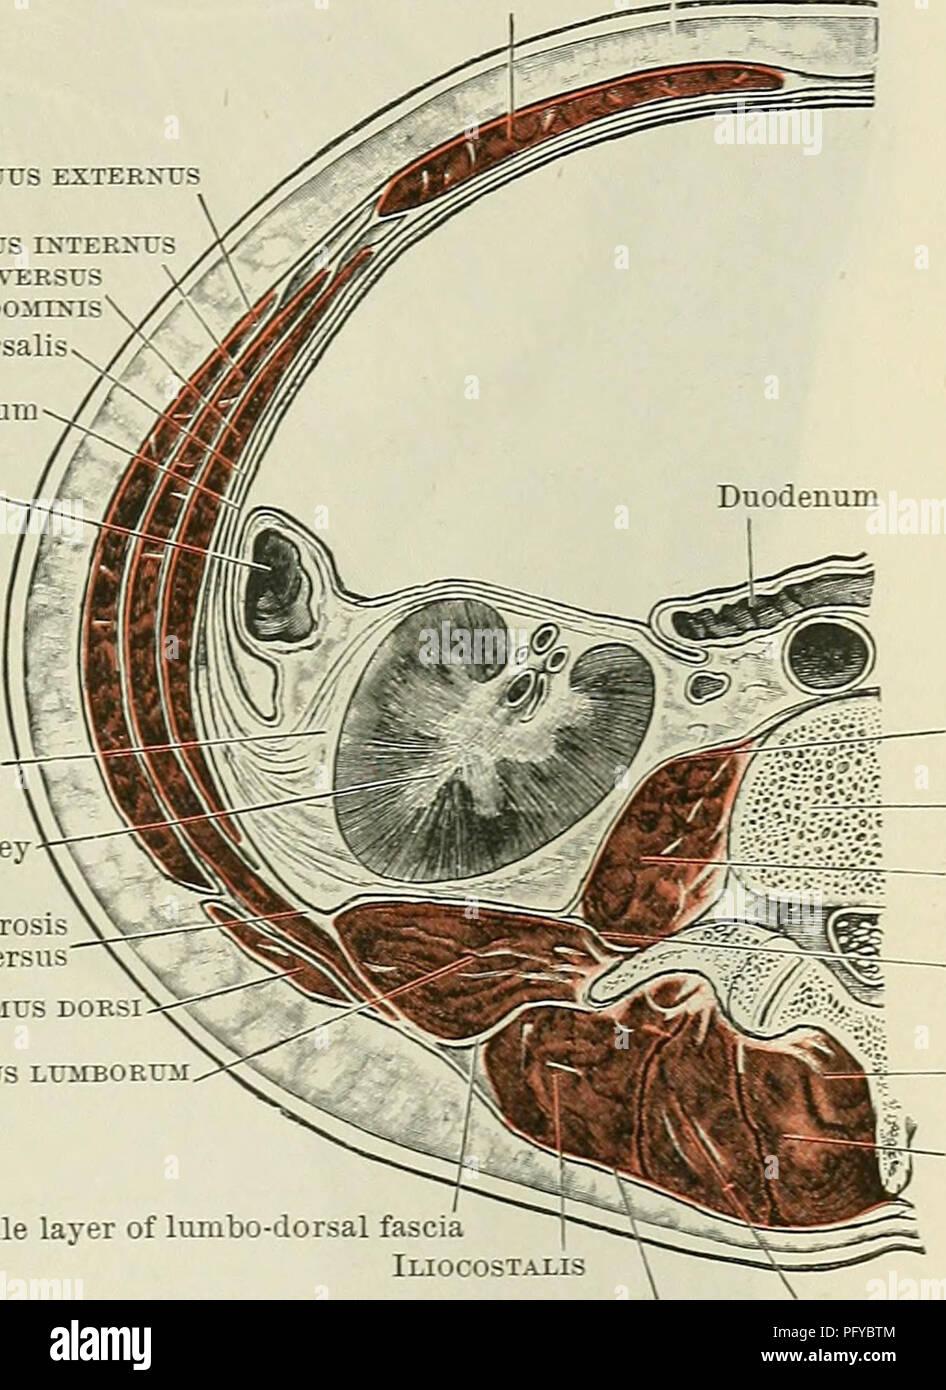 Cunninghams Lehrbuch der Anatomie. Anatomie. Die MUSKELN DER ...